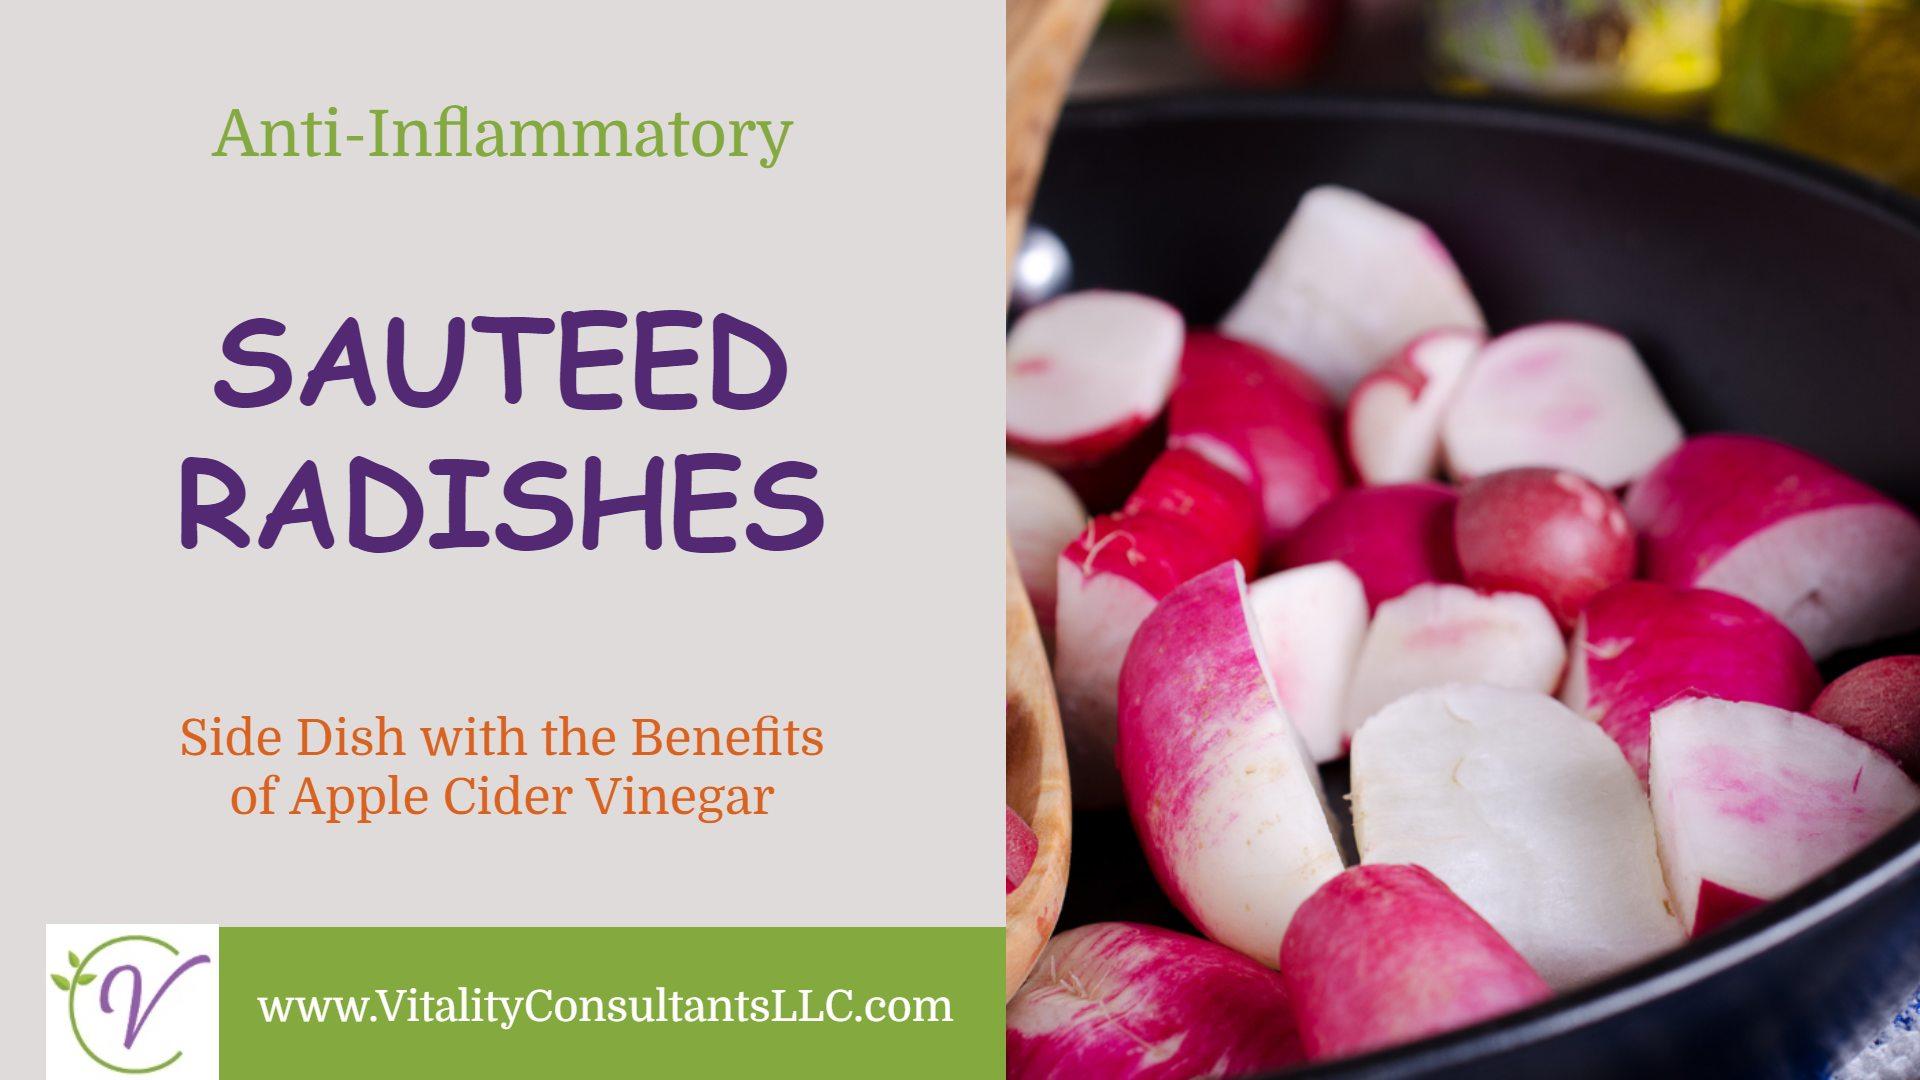 sauteed radishes